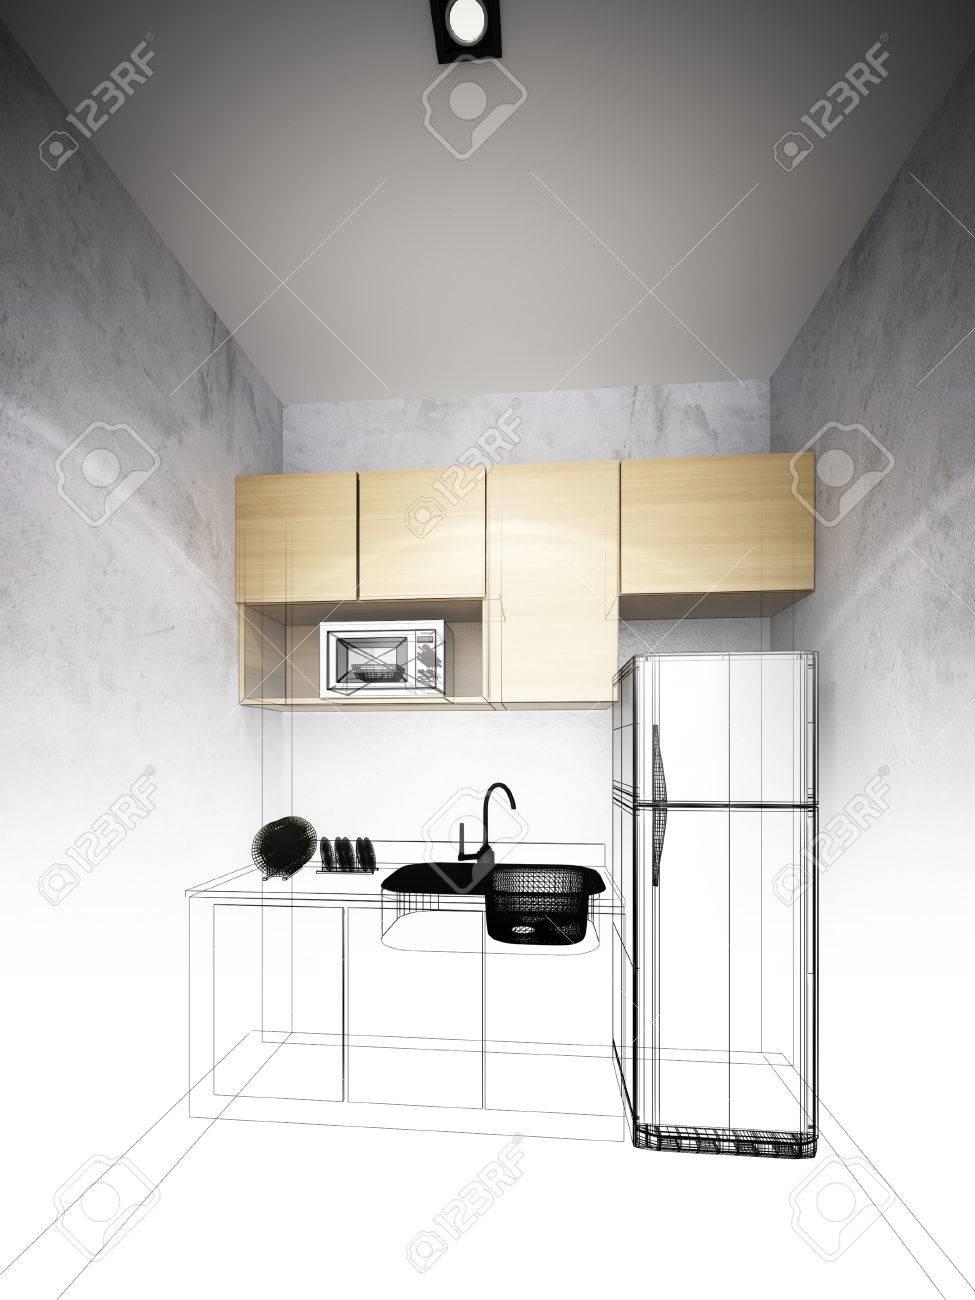 Disegnare La Cucina In 3d. Cool Disegnare D Sweet Home D Un ...